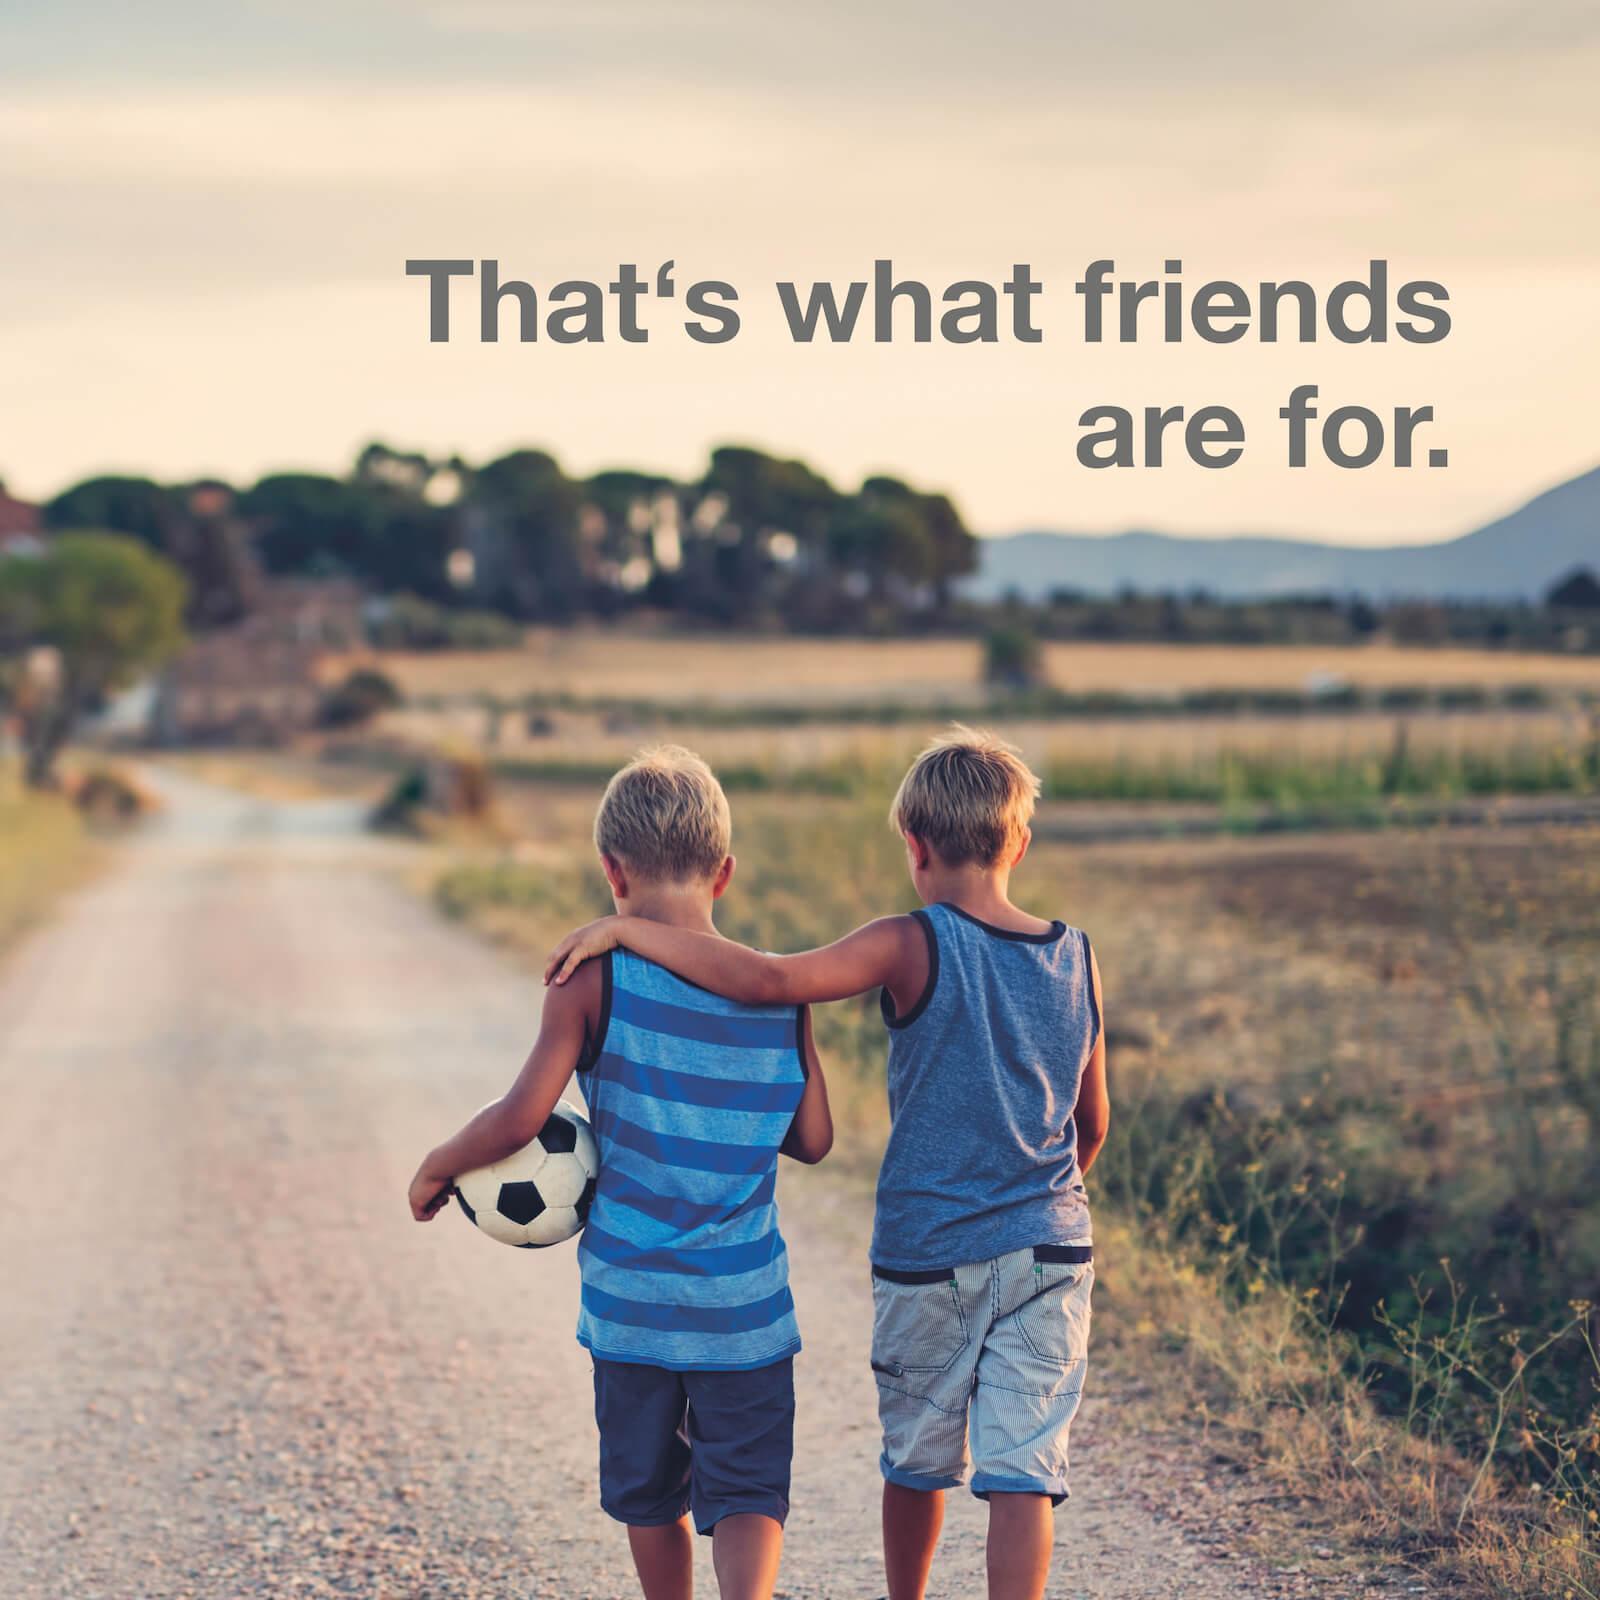 Über Freundschaft und Wertschätzung in der Kindheit. N4YK – wir haben immer das ganz große Familienglück im Blick.